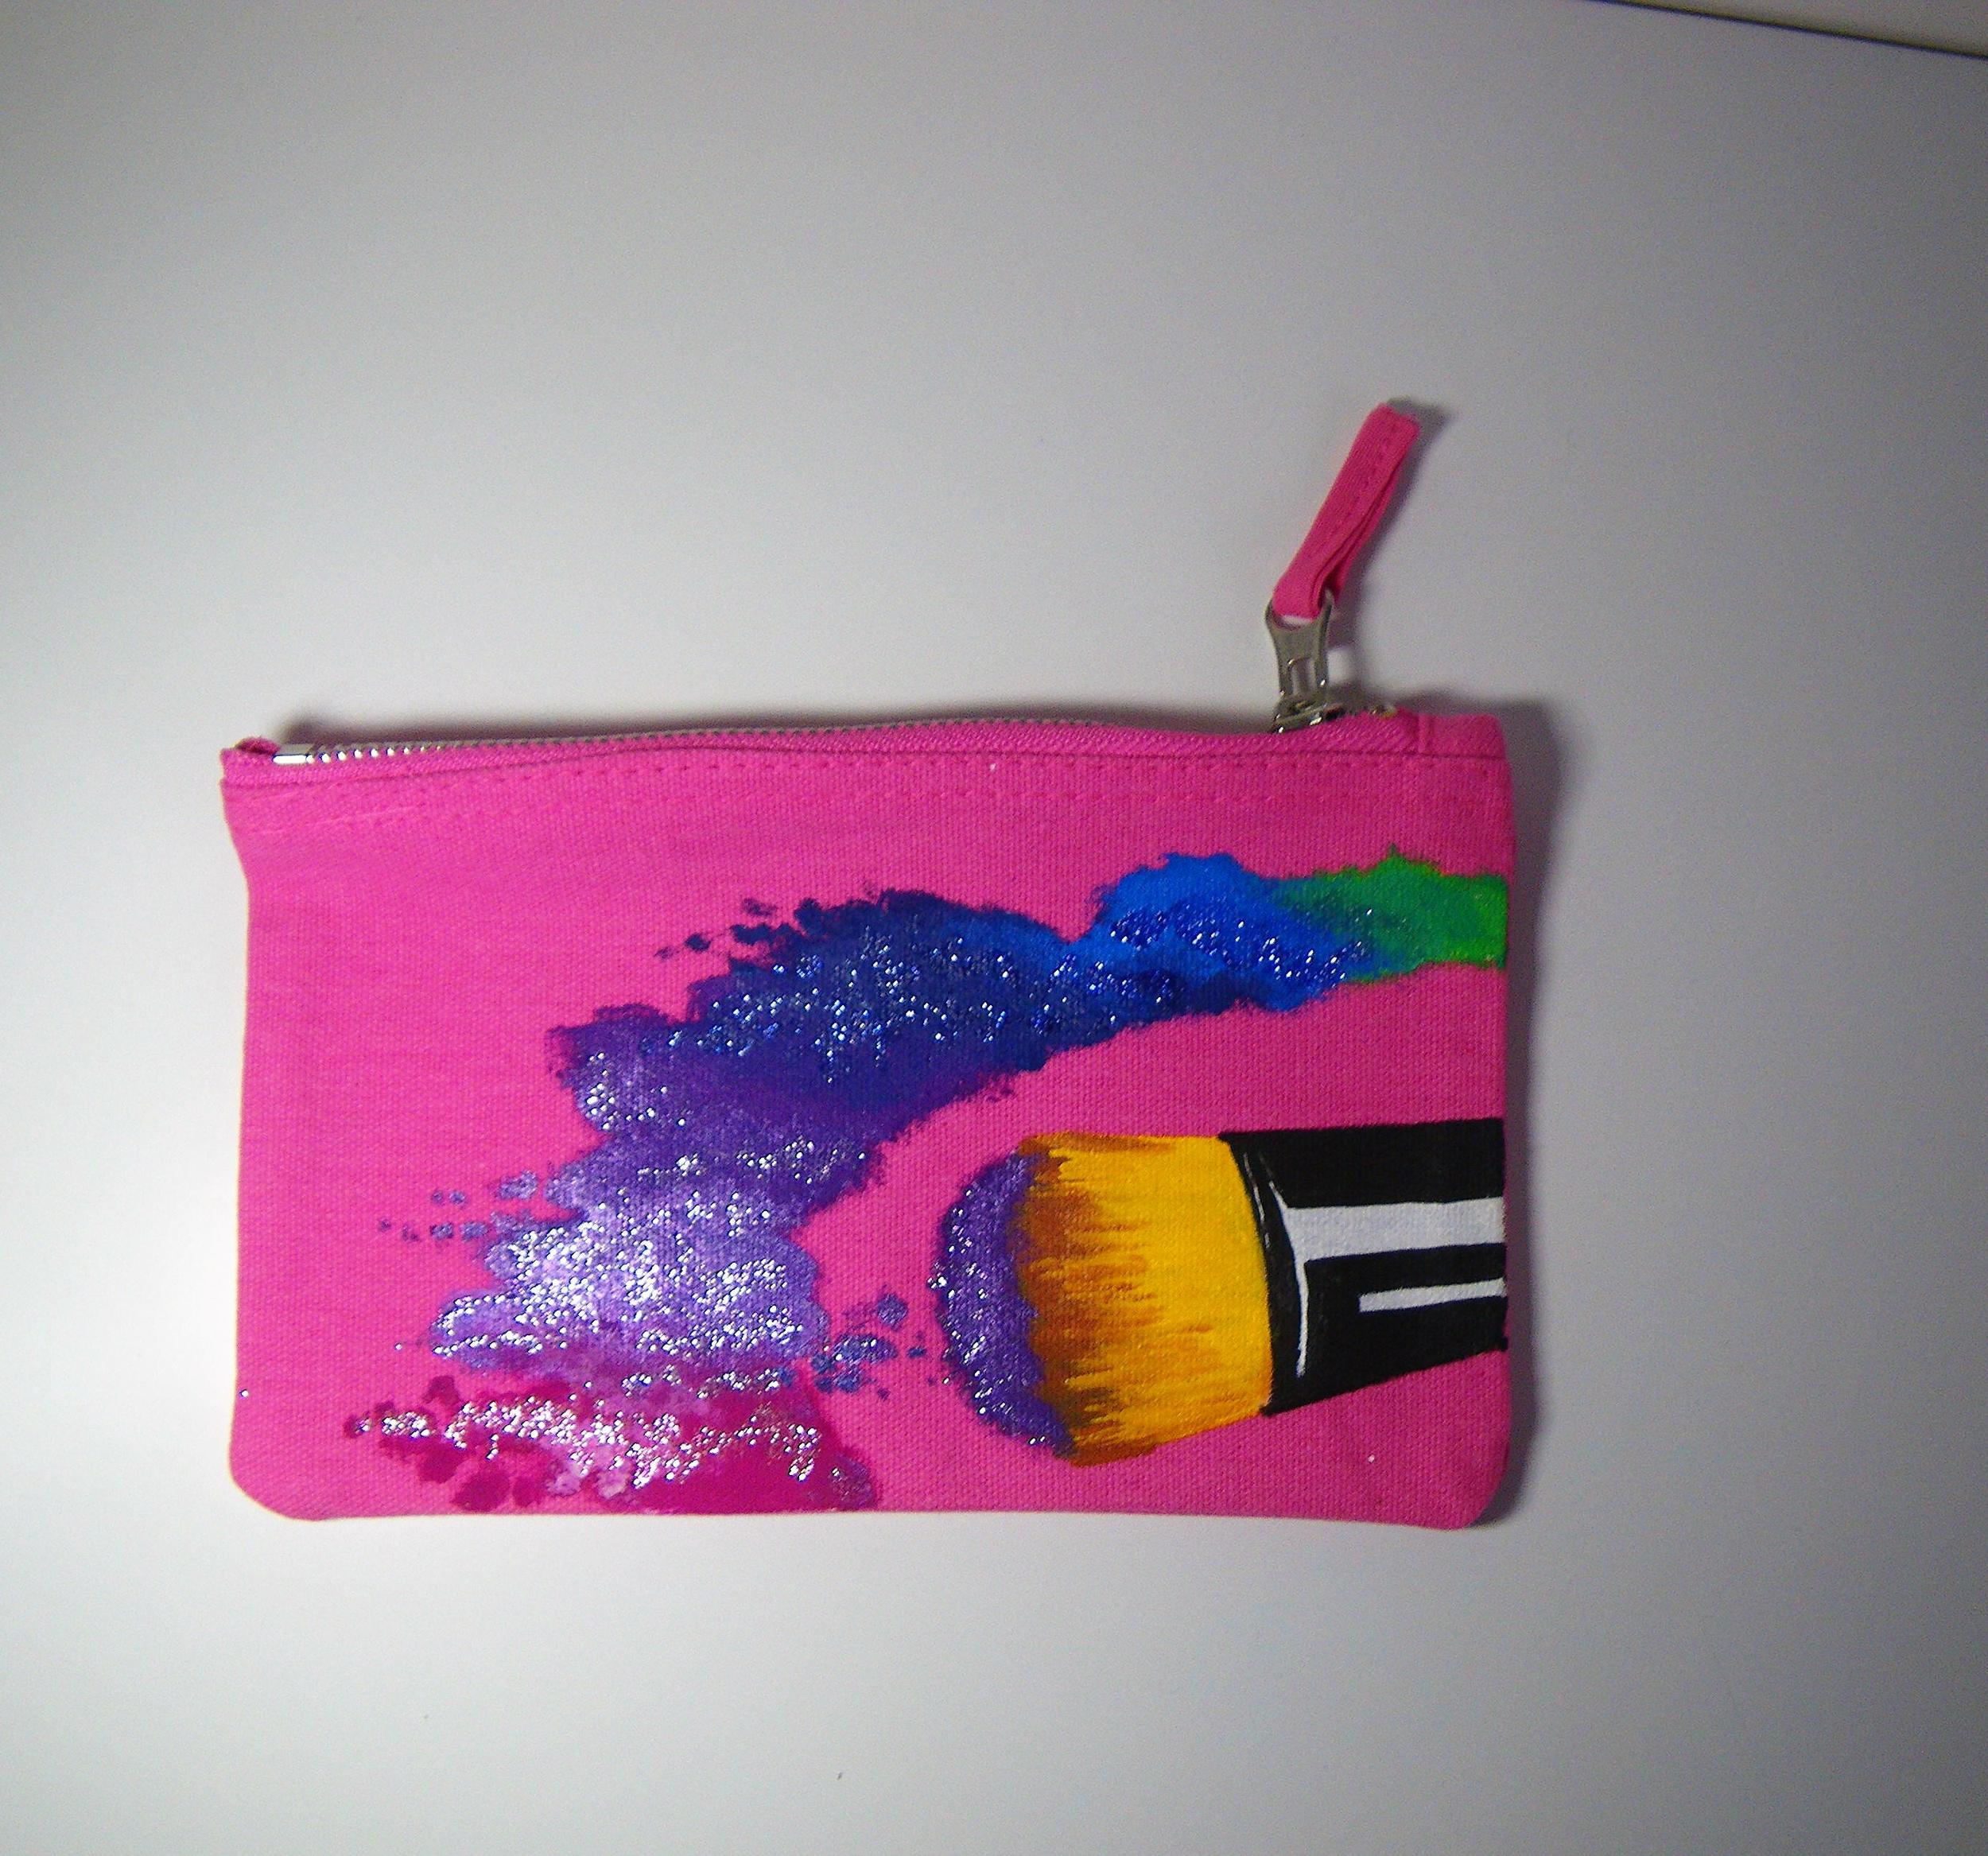 Trousse zippée en coton rose peinte à la main pour femme